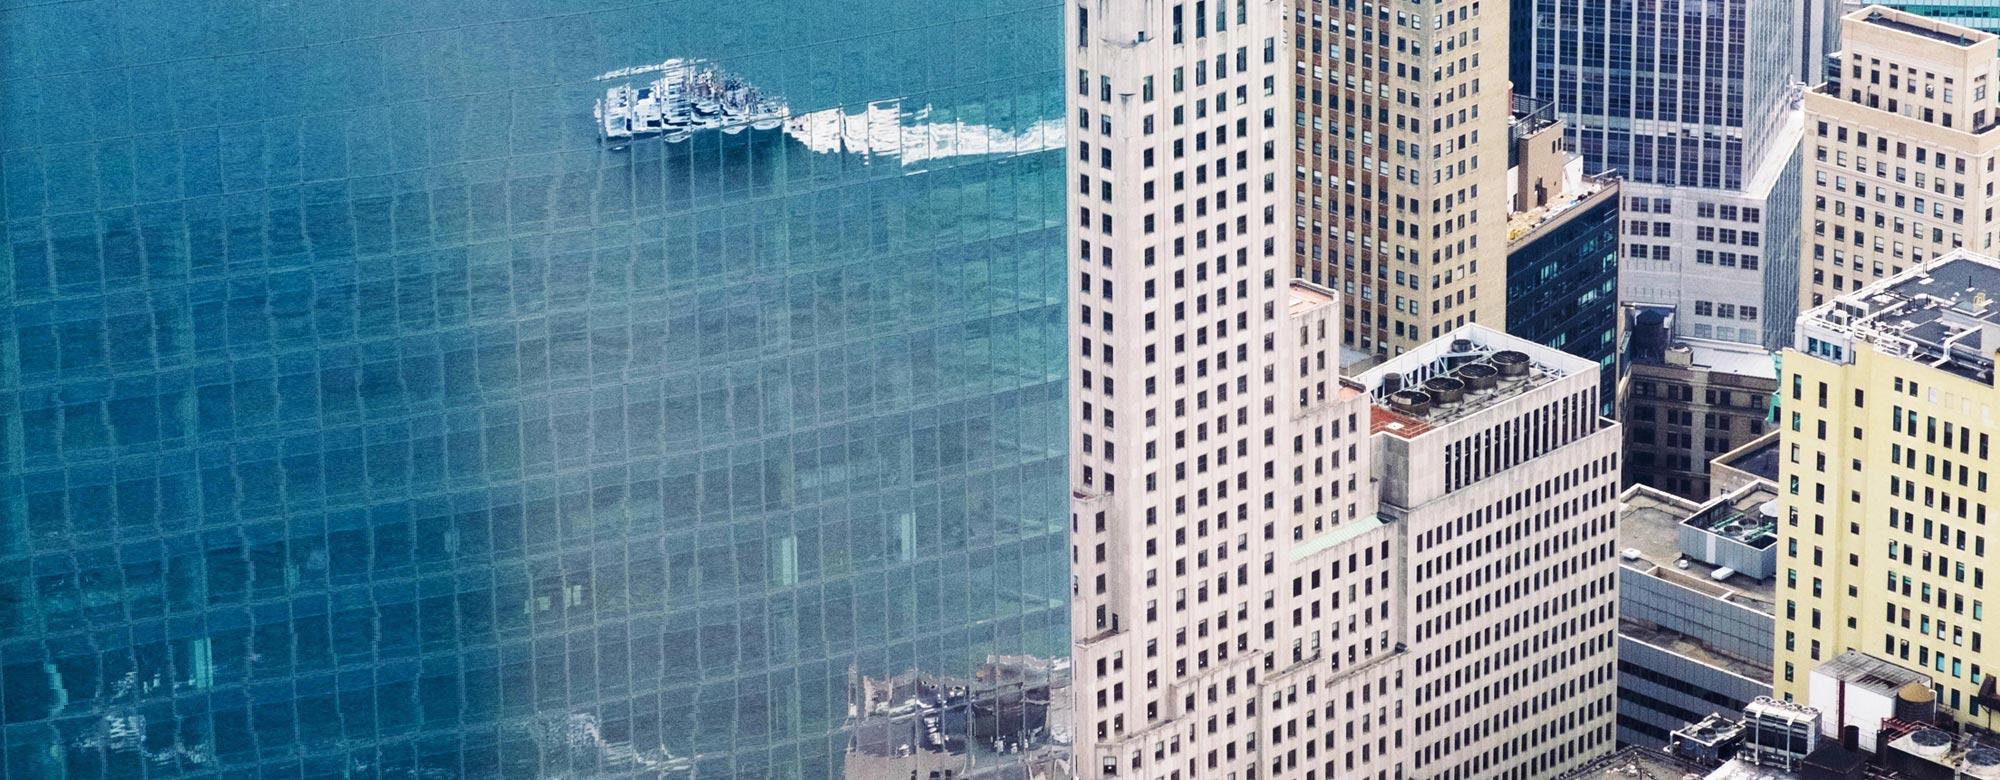 Agências digitais: navegue outros mares, busque novos modelos de negócios